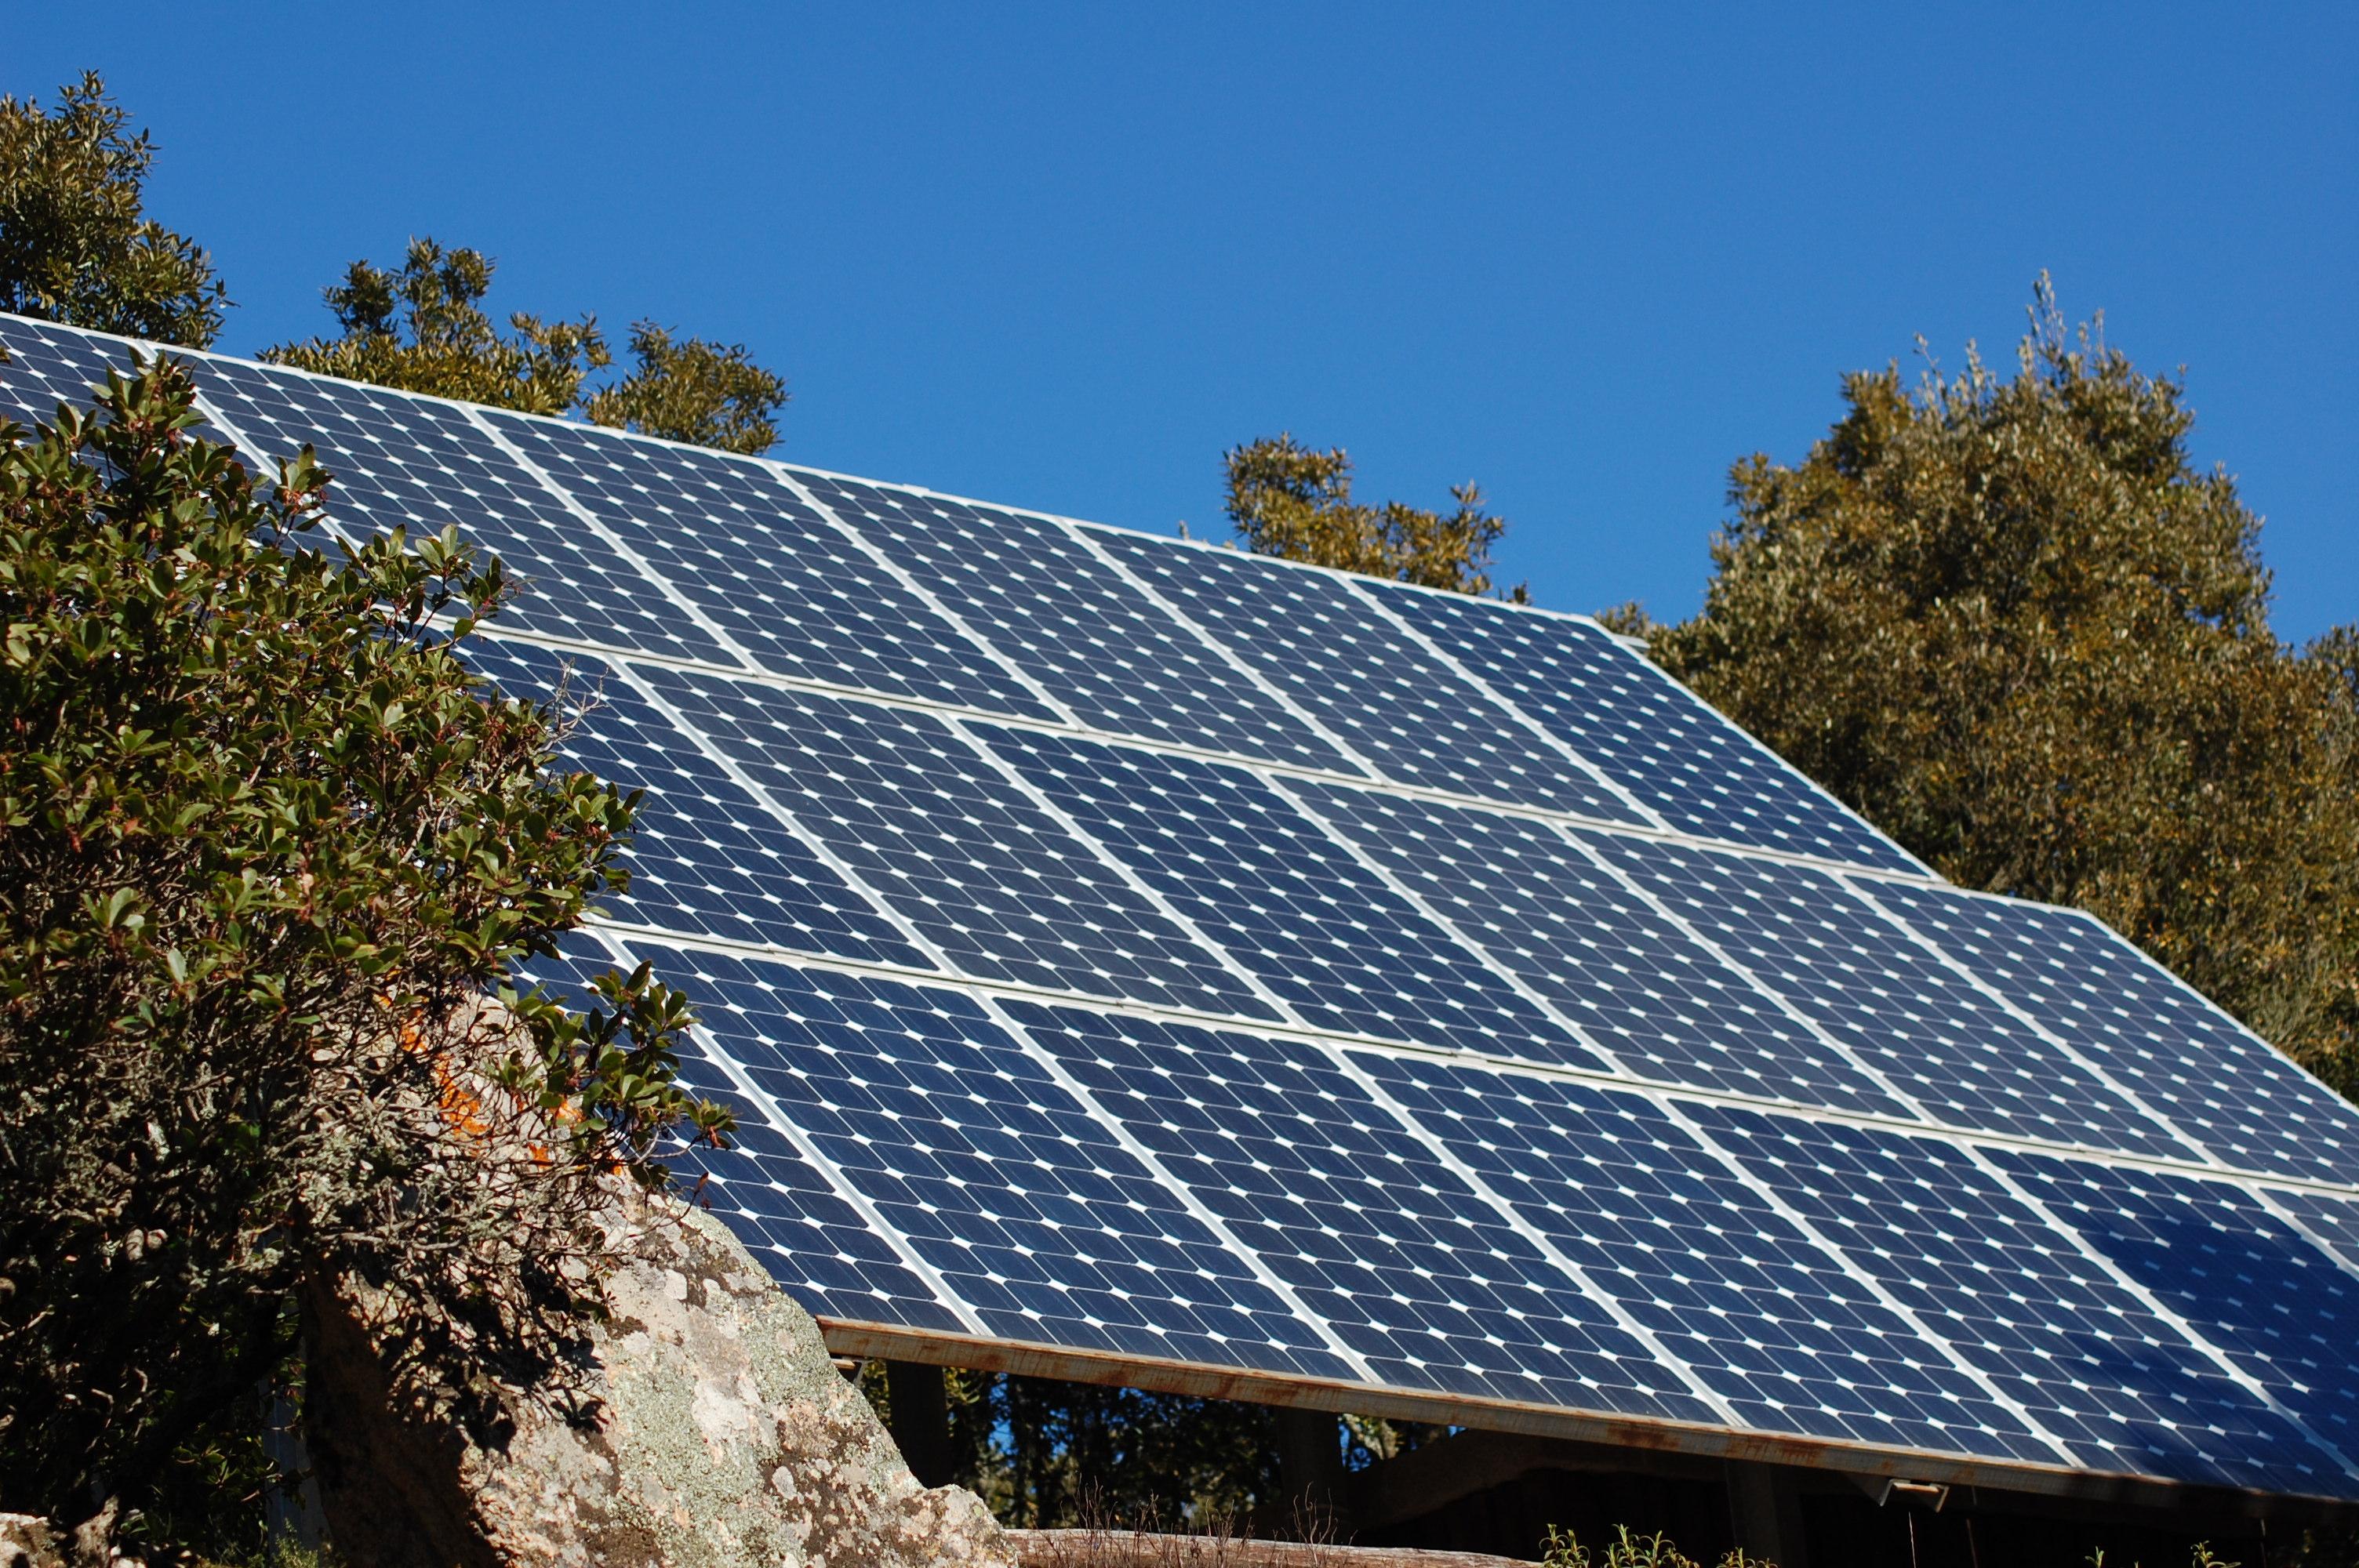 Pannello Solare Fotovoltaico Integrato : La nocività dei riflessi luminosi degli impianti